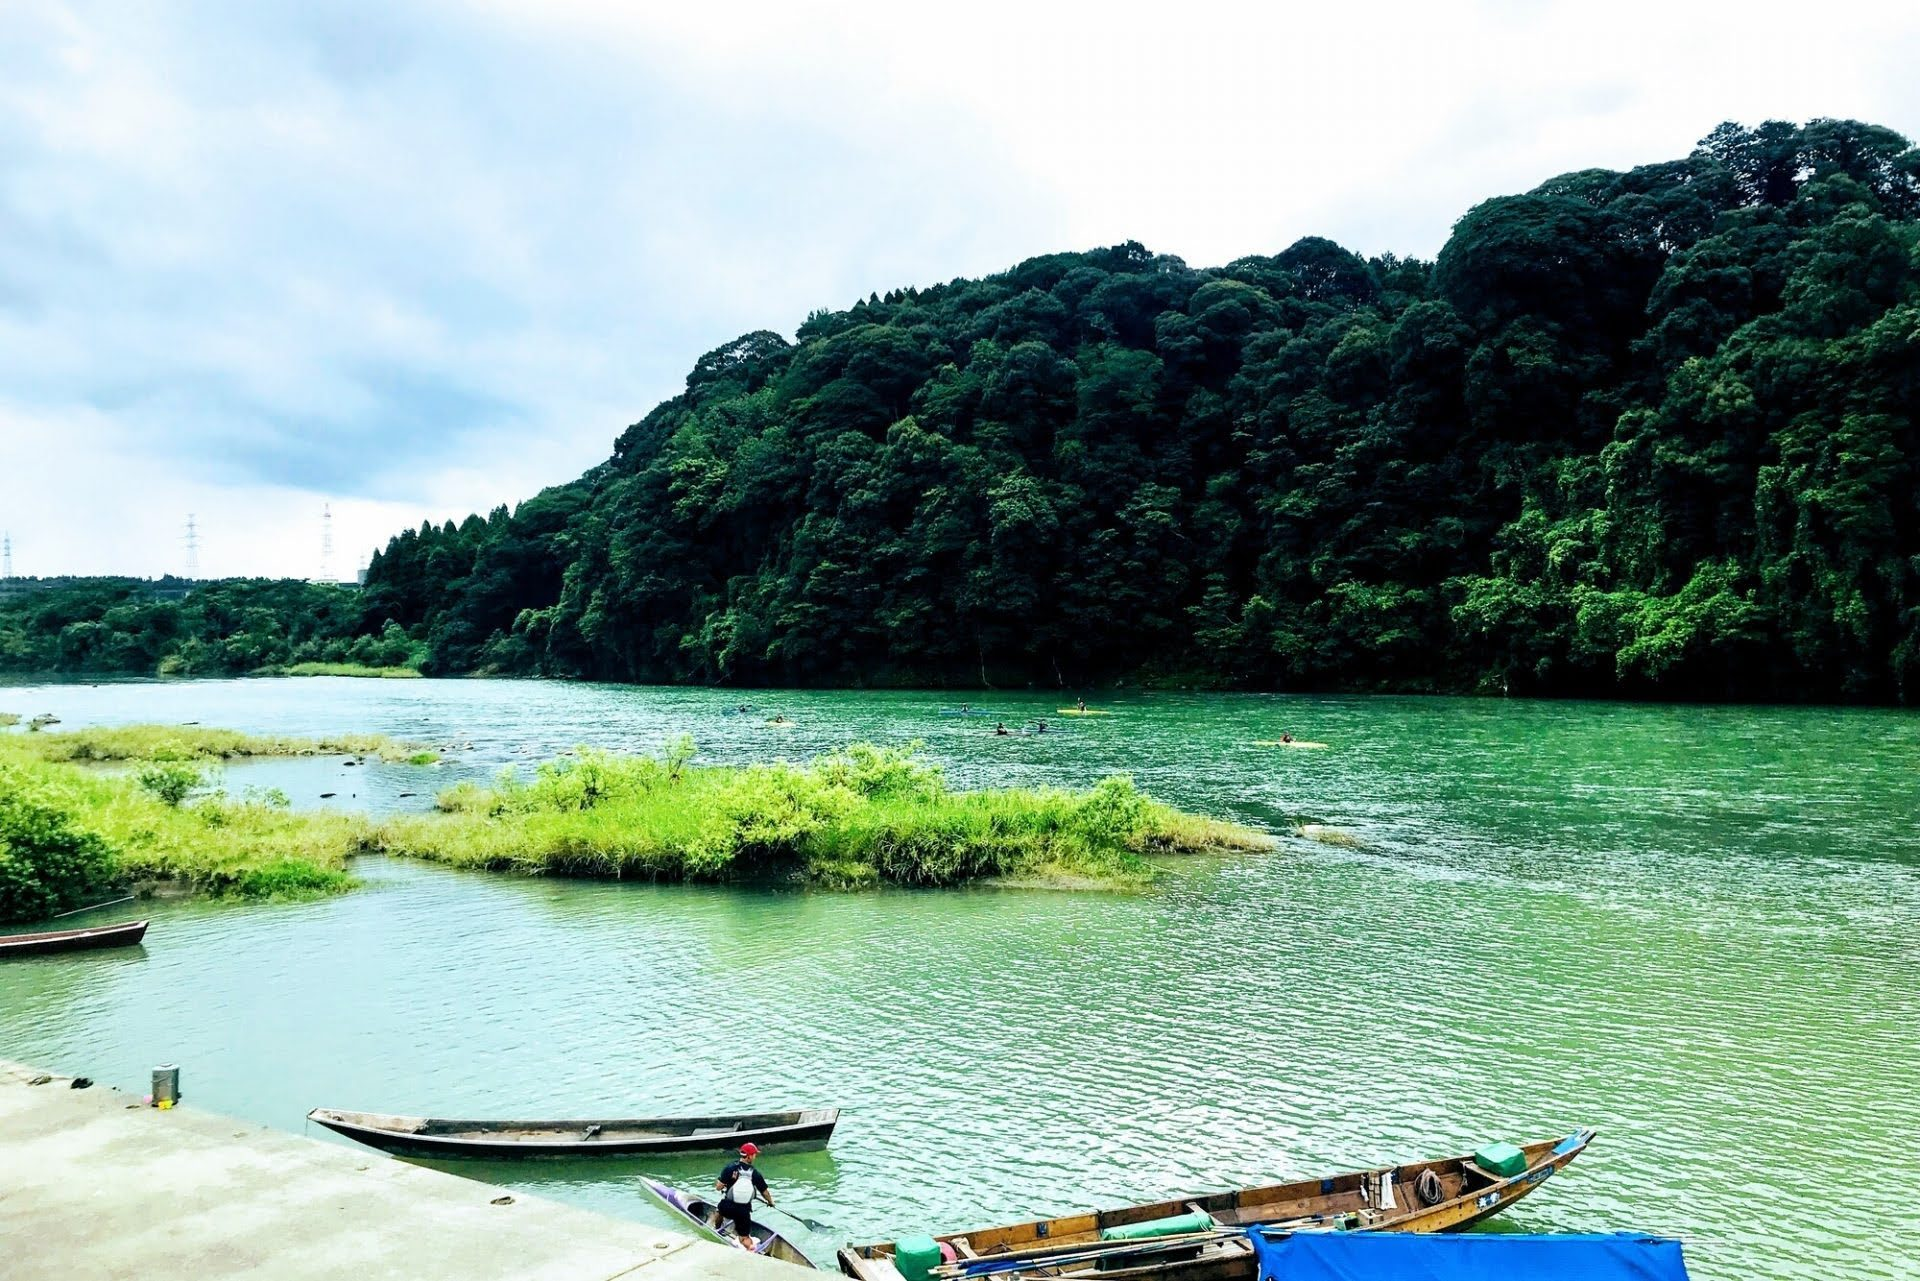 球磨川 人吉市 熊本 絶景 景色 自然 九州 旅行 観光 おすすめ